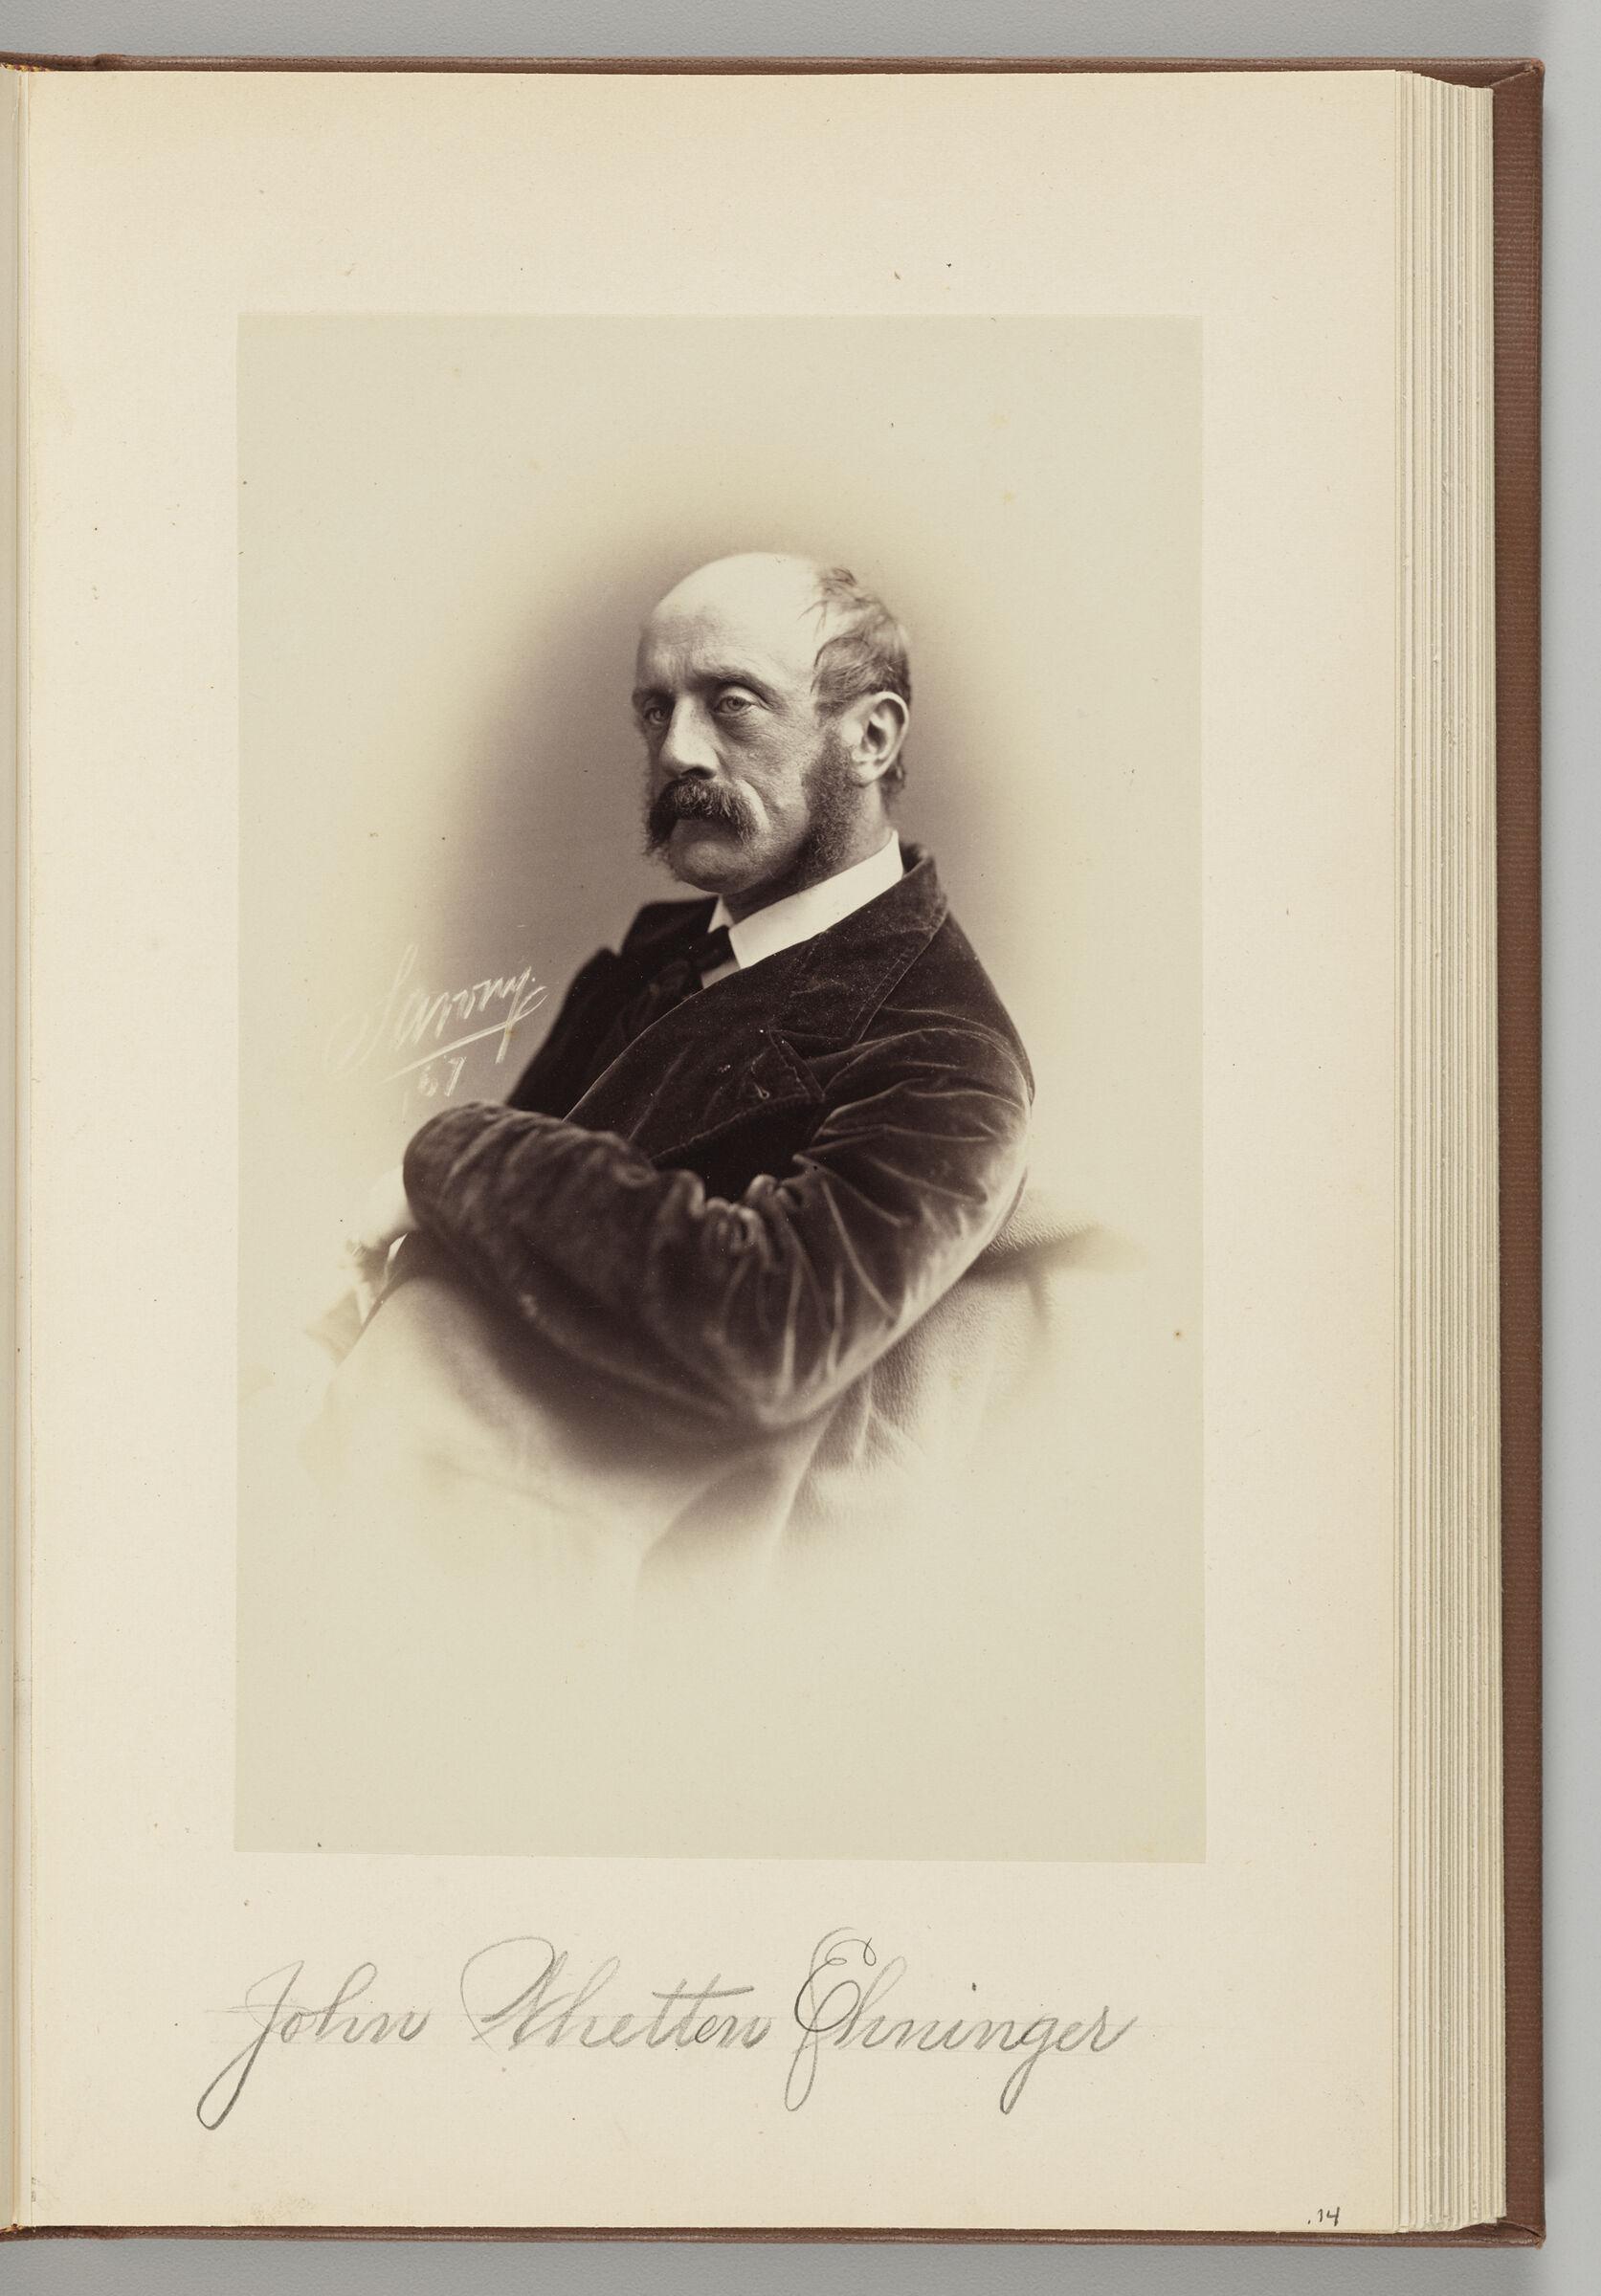 John Whetten Ehninger (1827-1889)